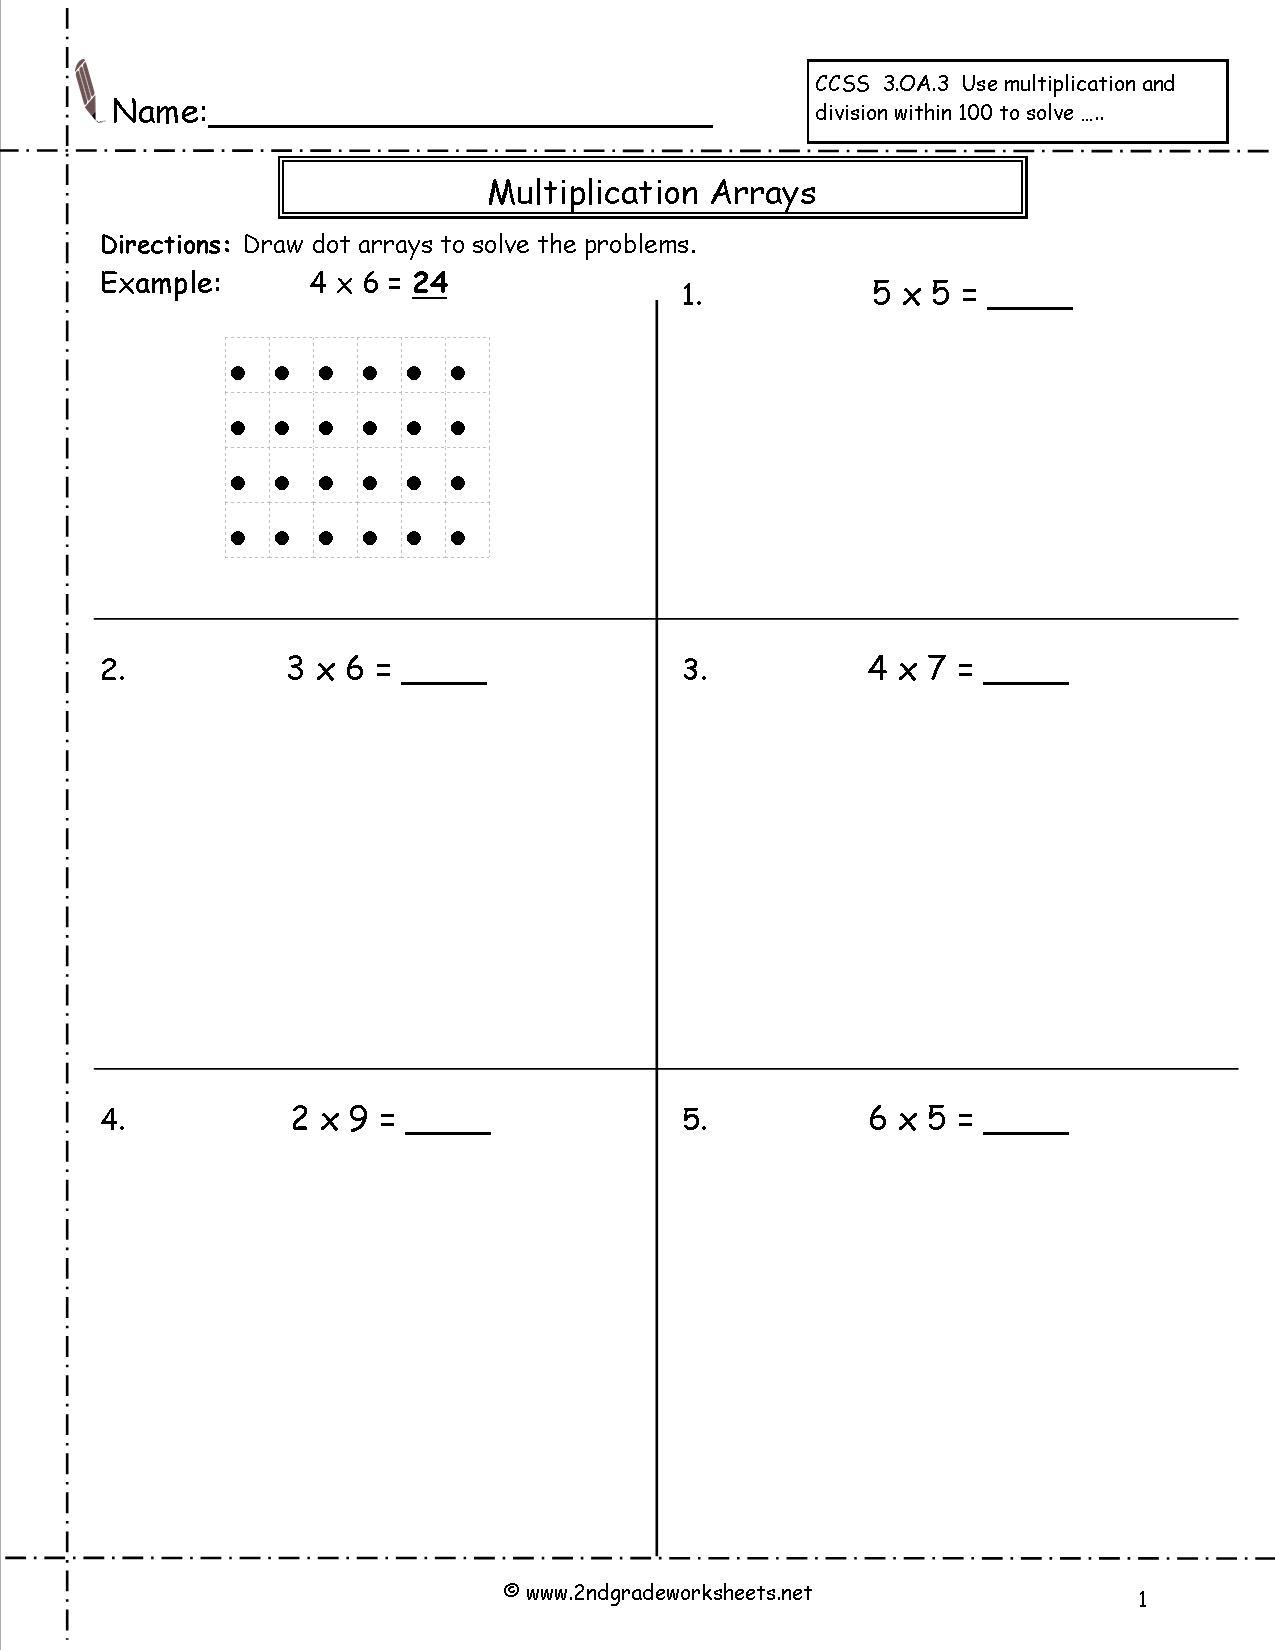 Multiplication Arrays Worksheets For 3rd Grade 271342